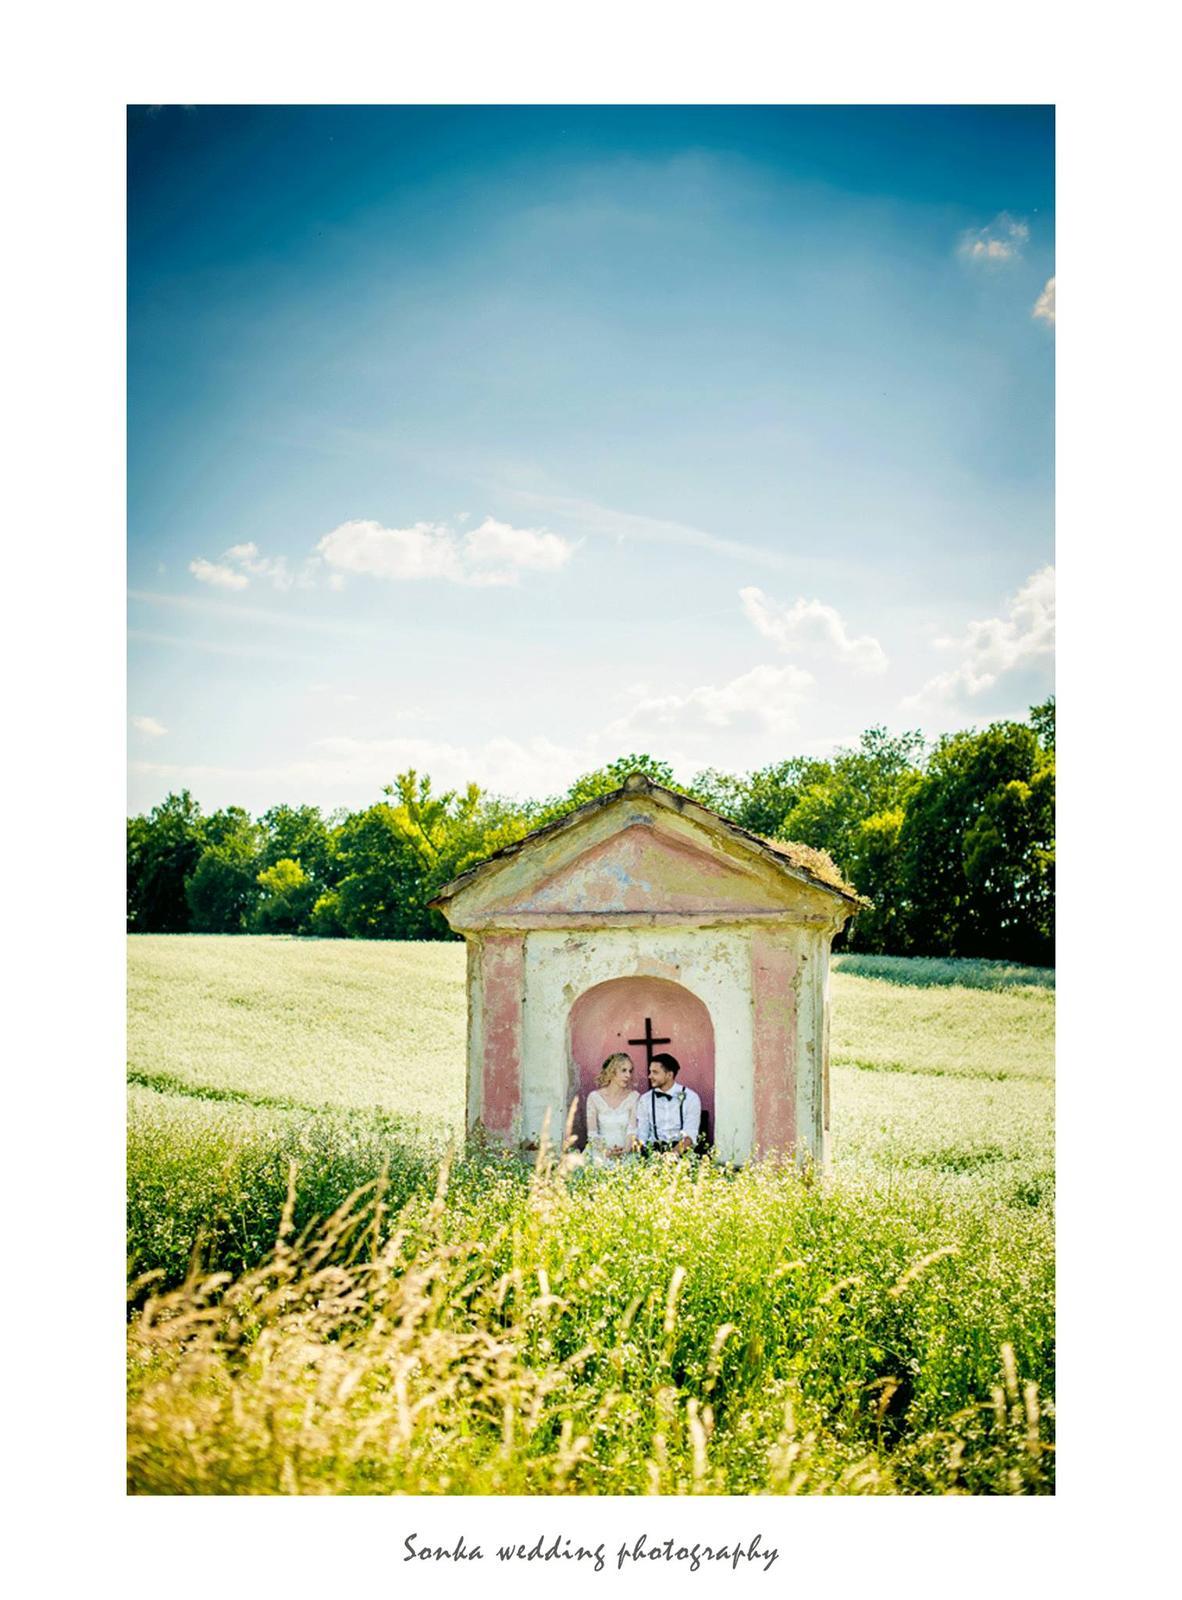 Wedding photography - Obrázek č. 10